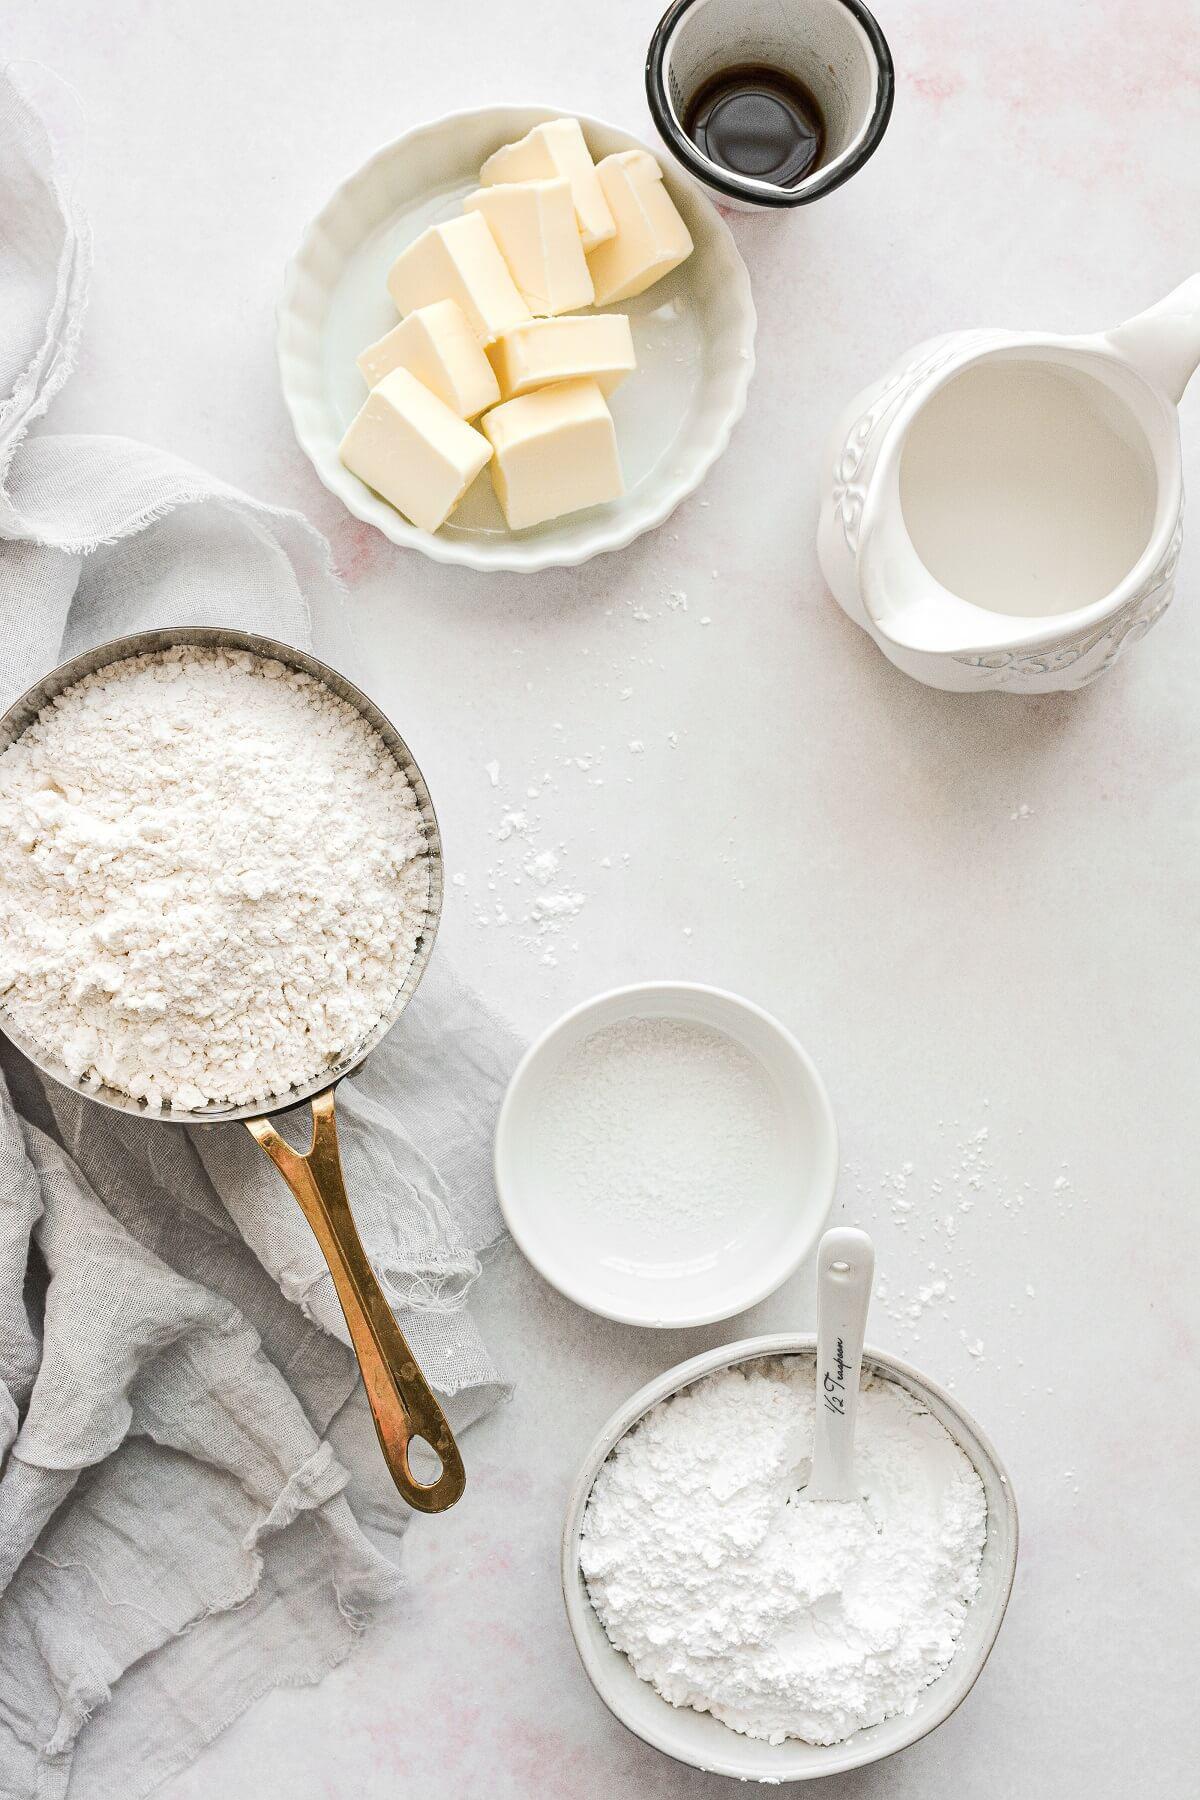 Ingredients for making sugar cookies.